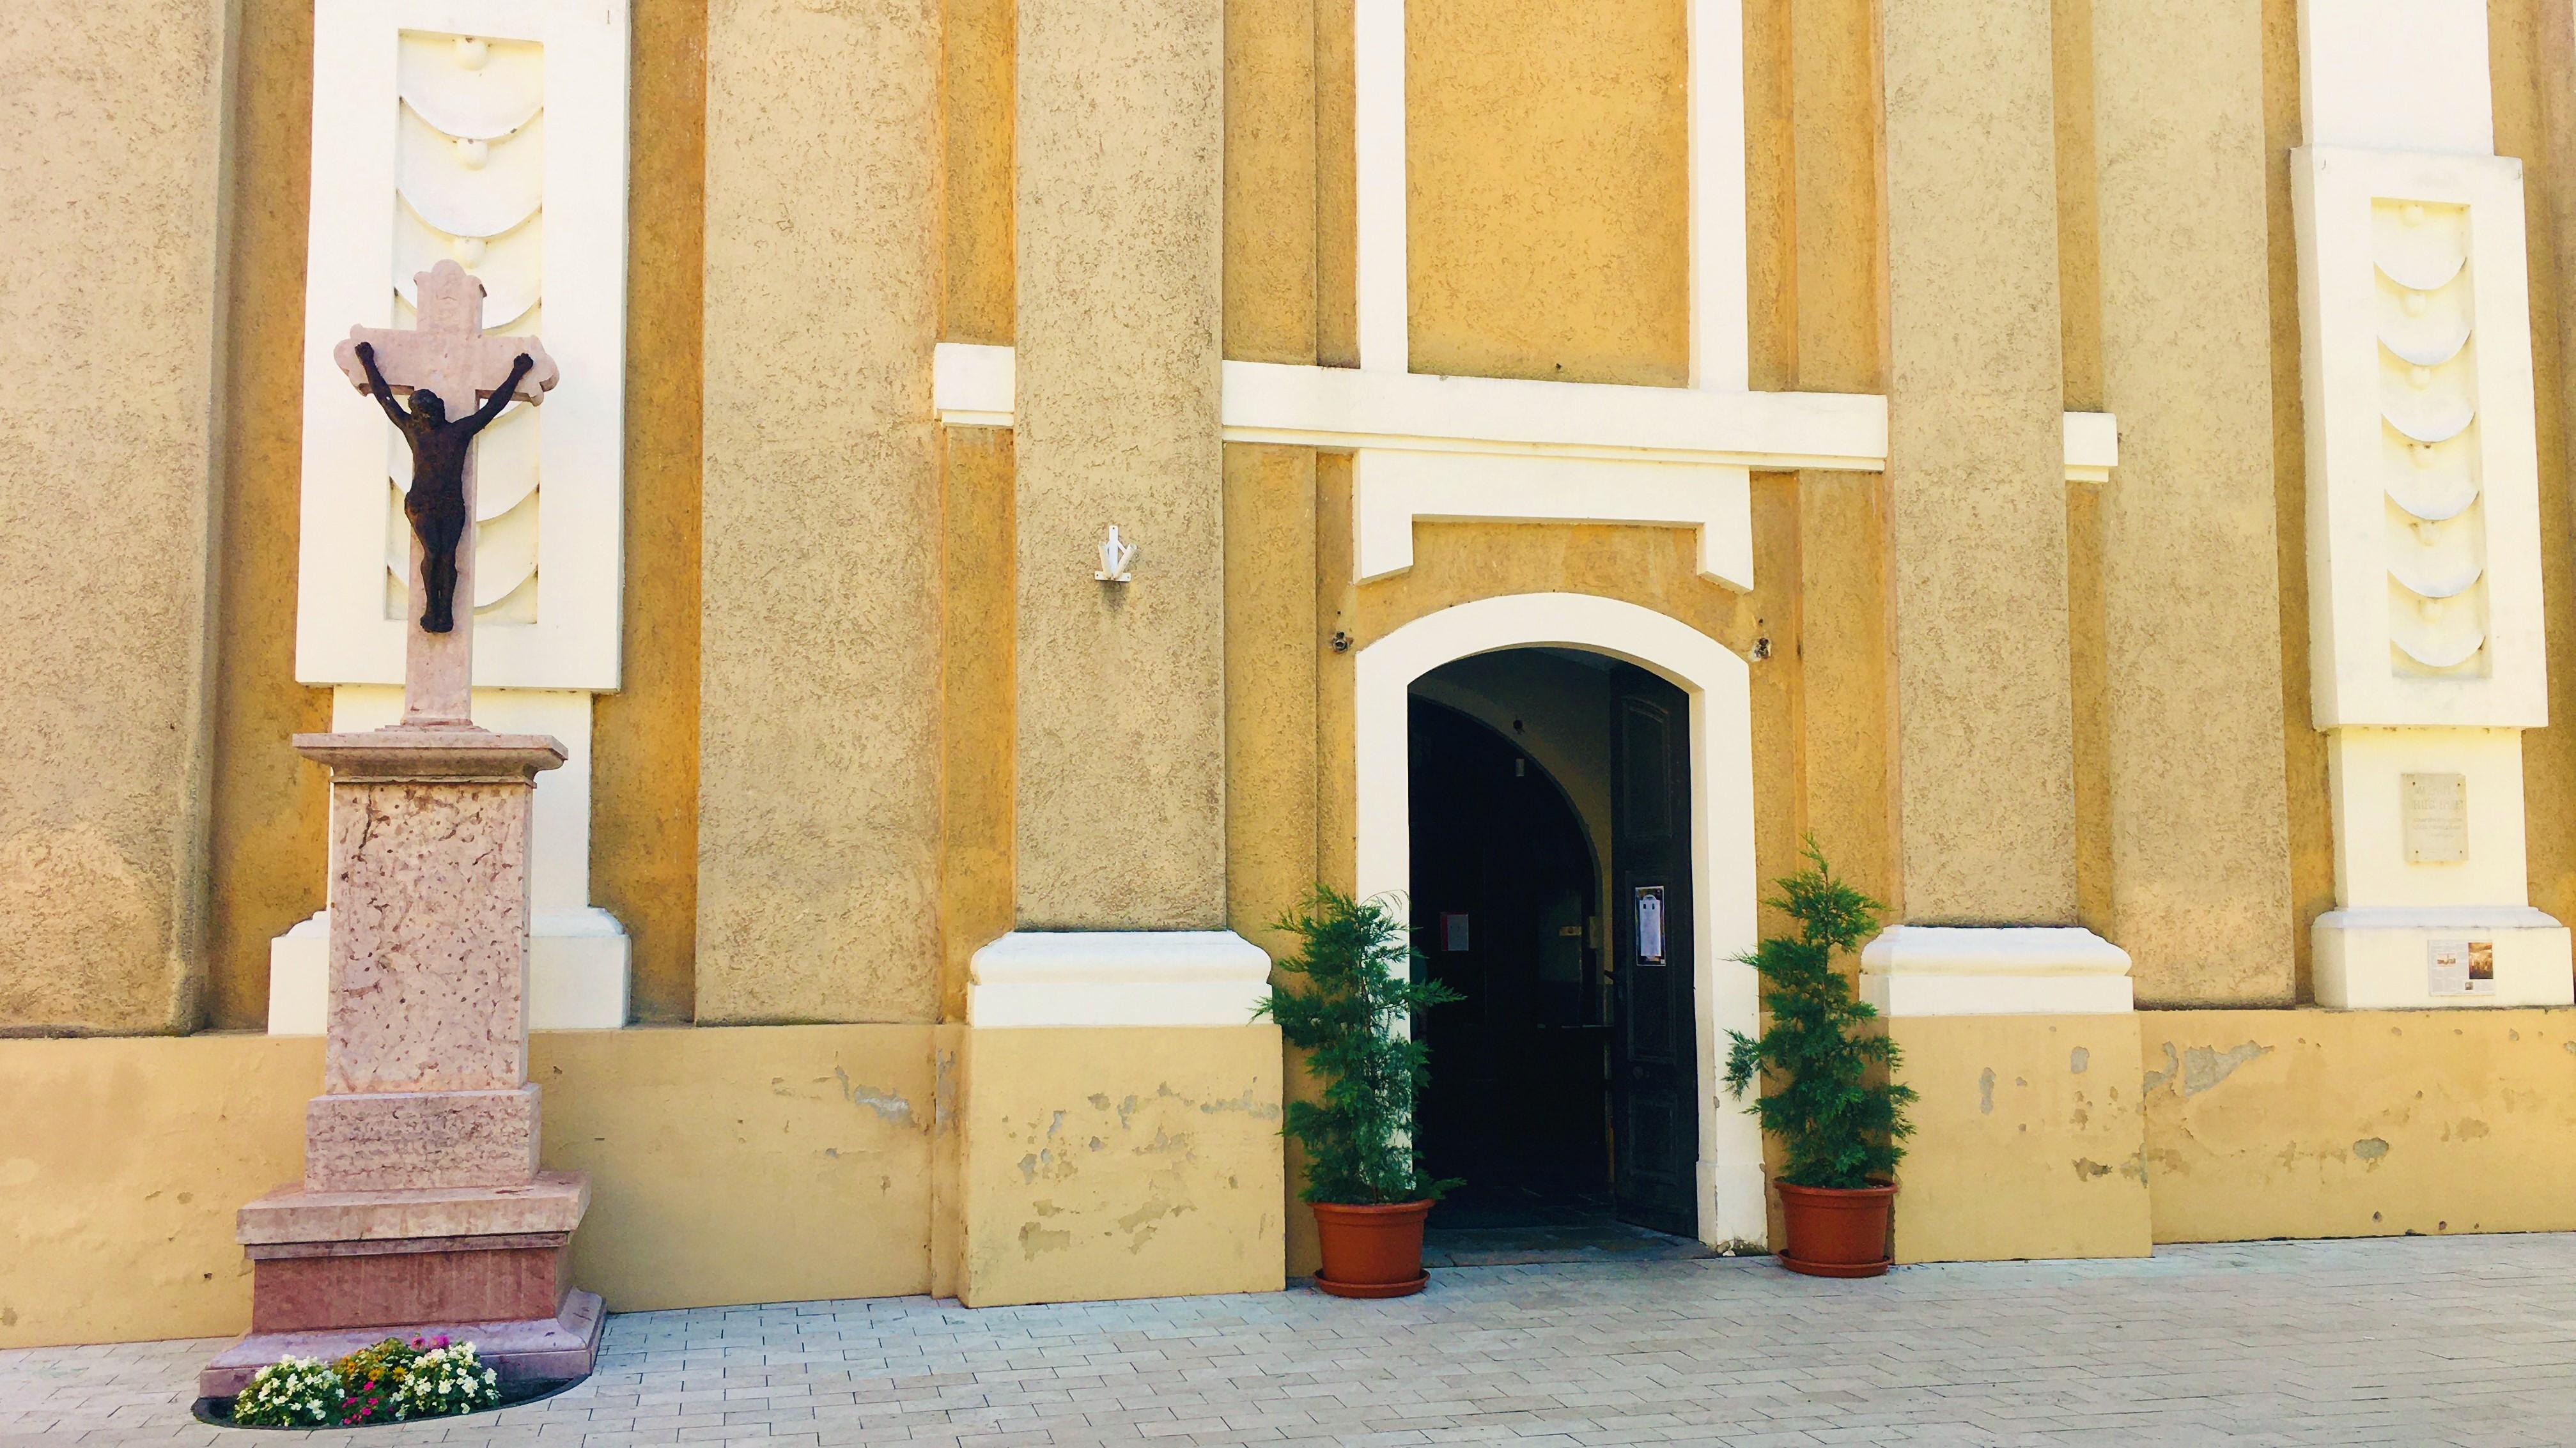 Rackeve_Katolikus_templom_3.JPEG